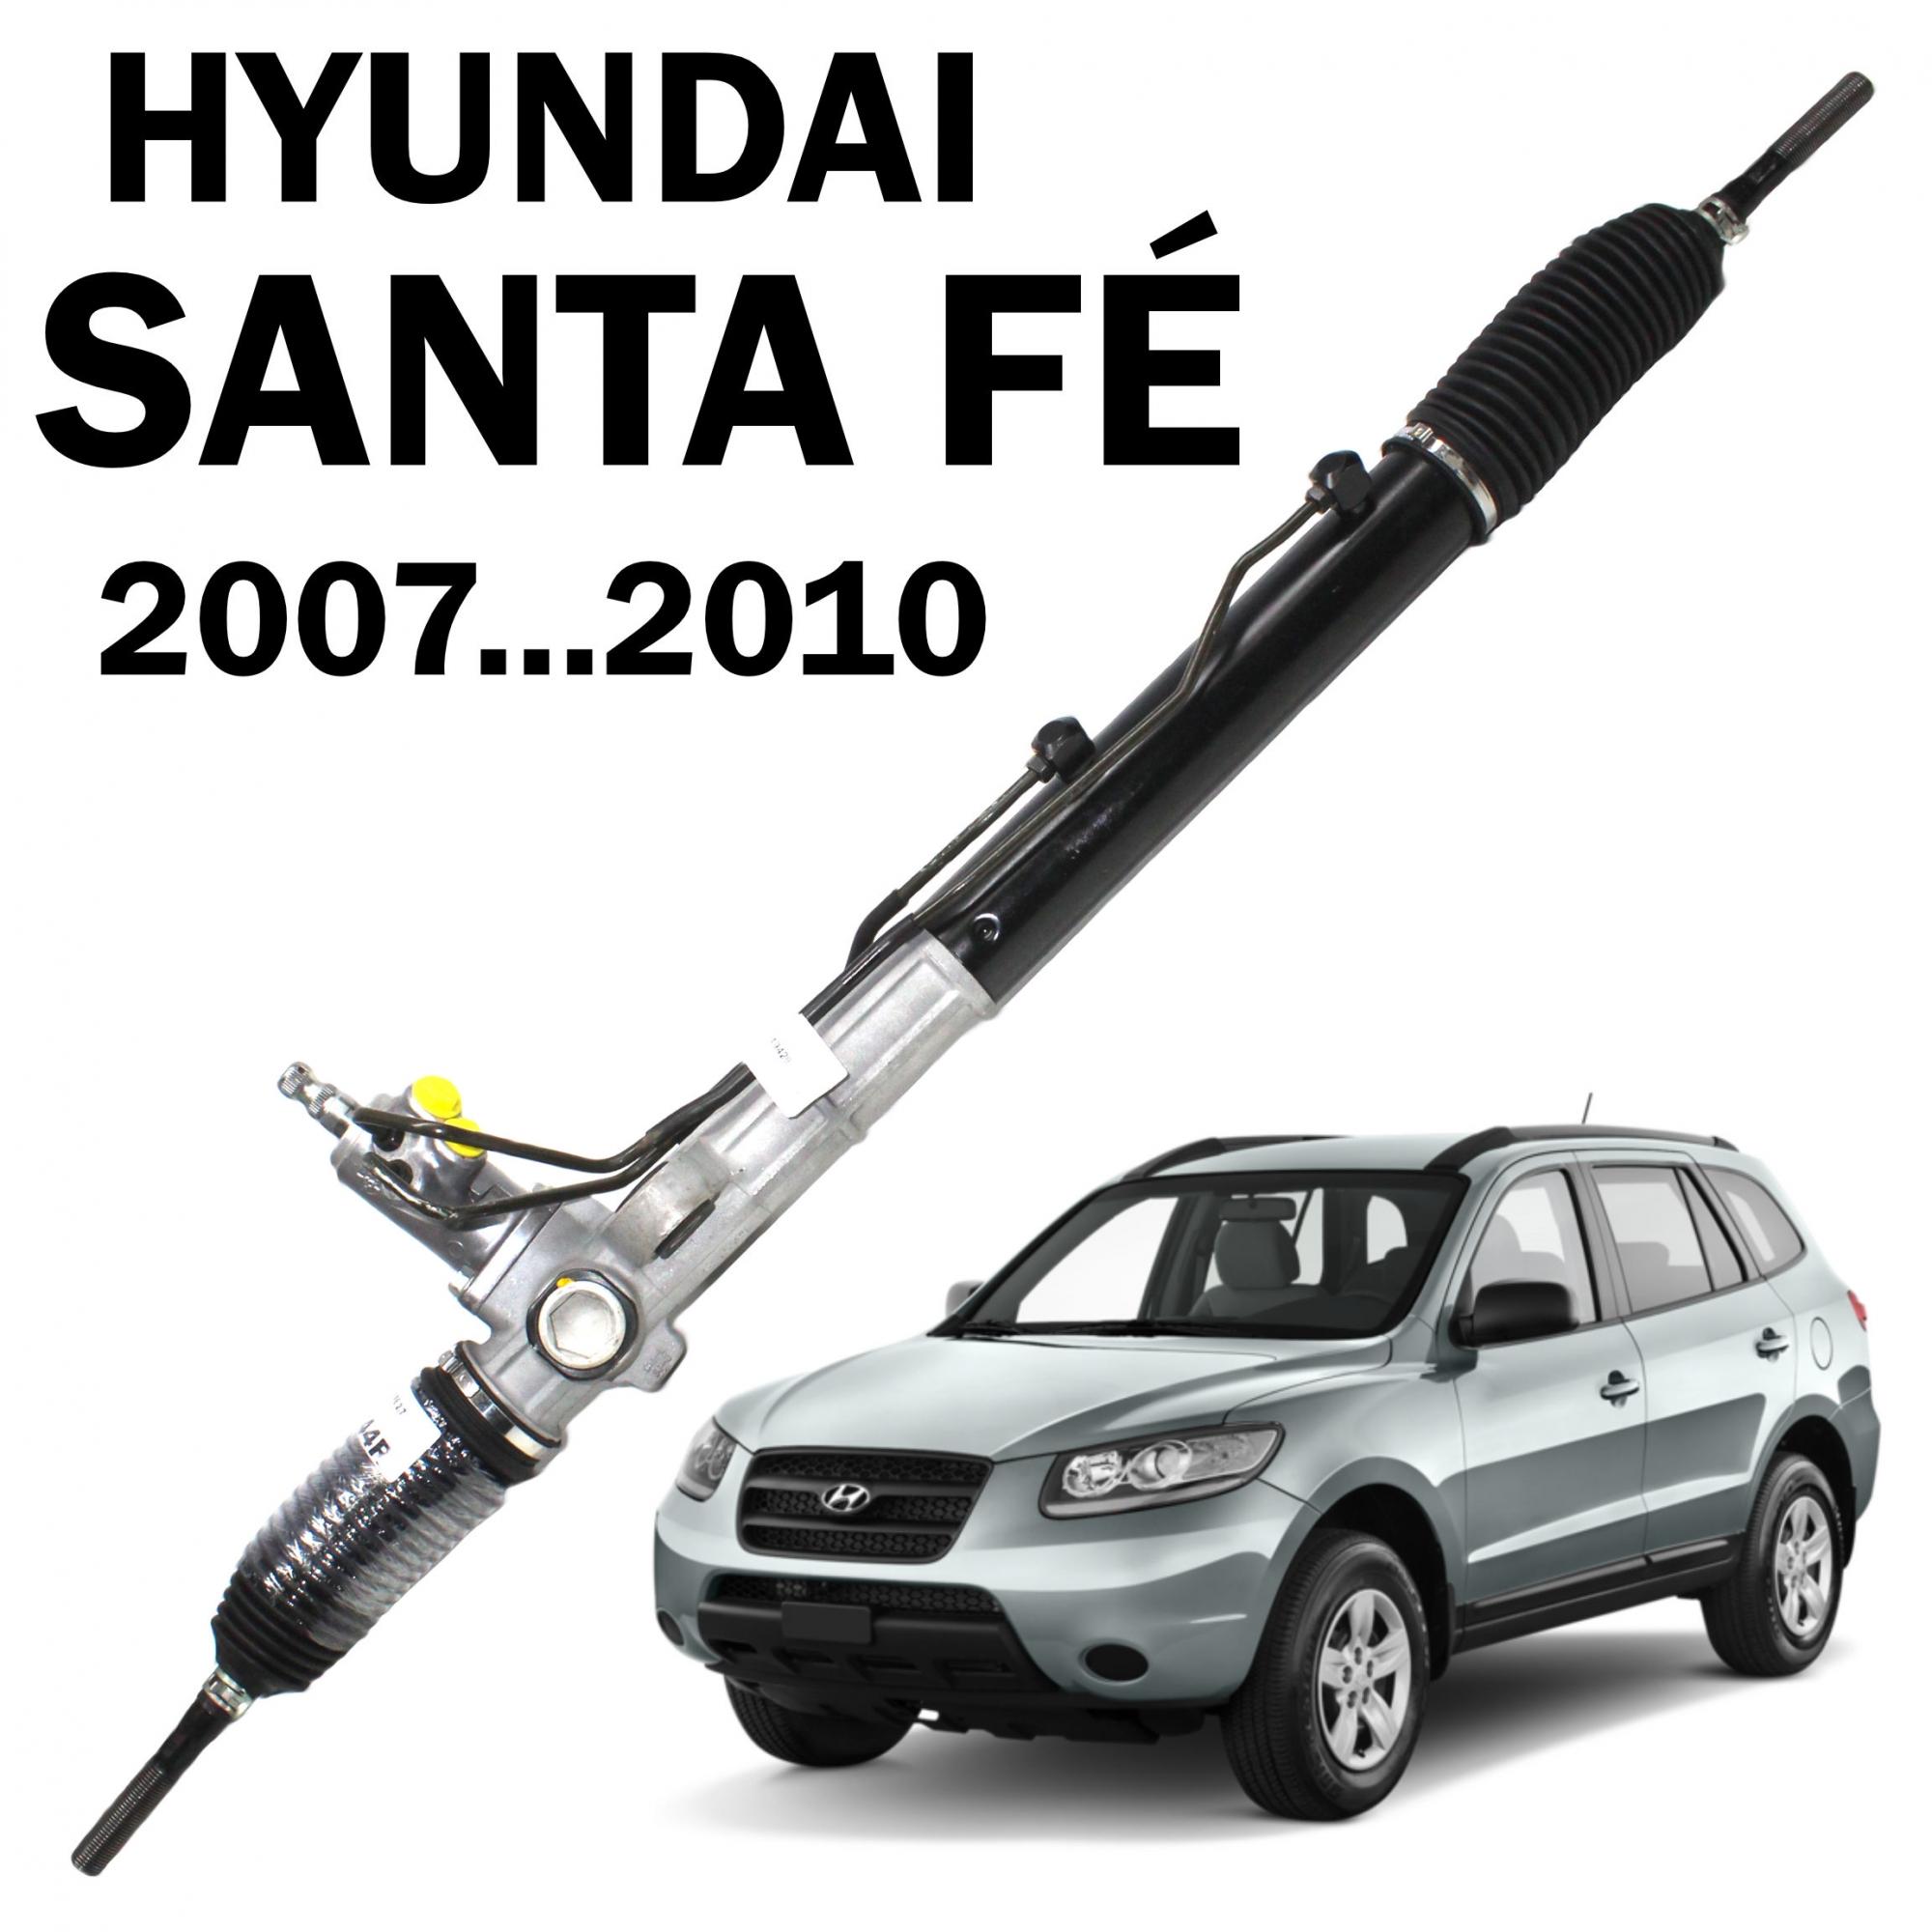 Caixa Direção Hidráulica Hyundai Santa Fé 2.7 2007...2010 57700-2B000